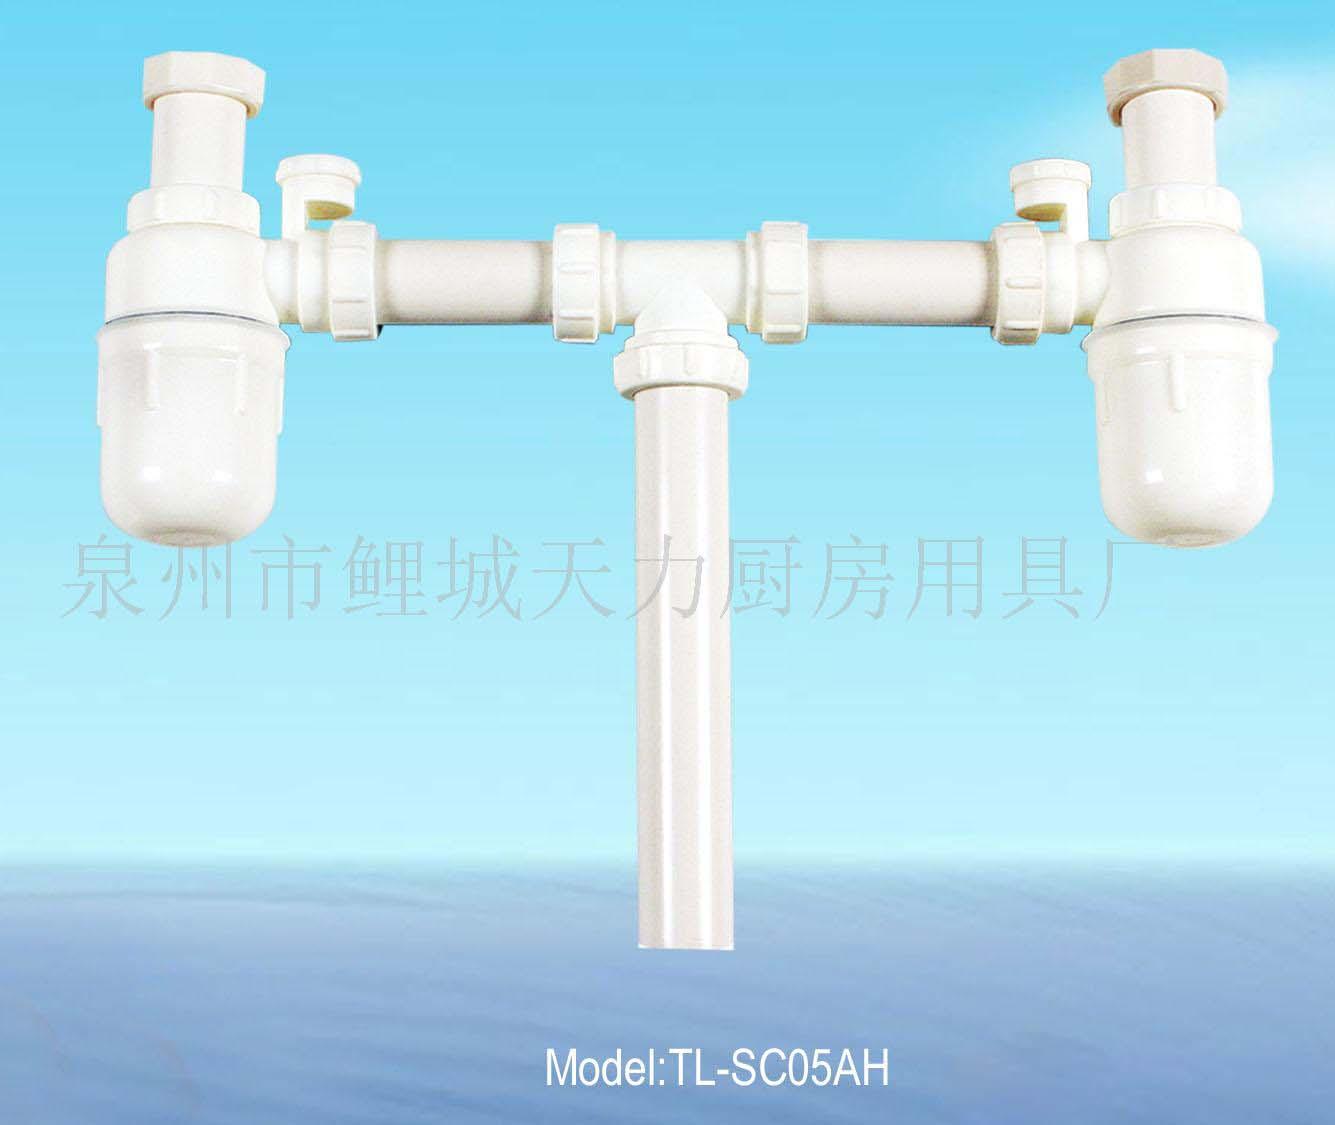 排水管-海商网,厨房设施产品库